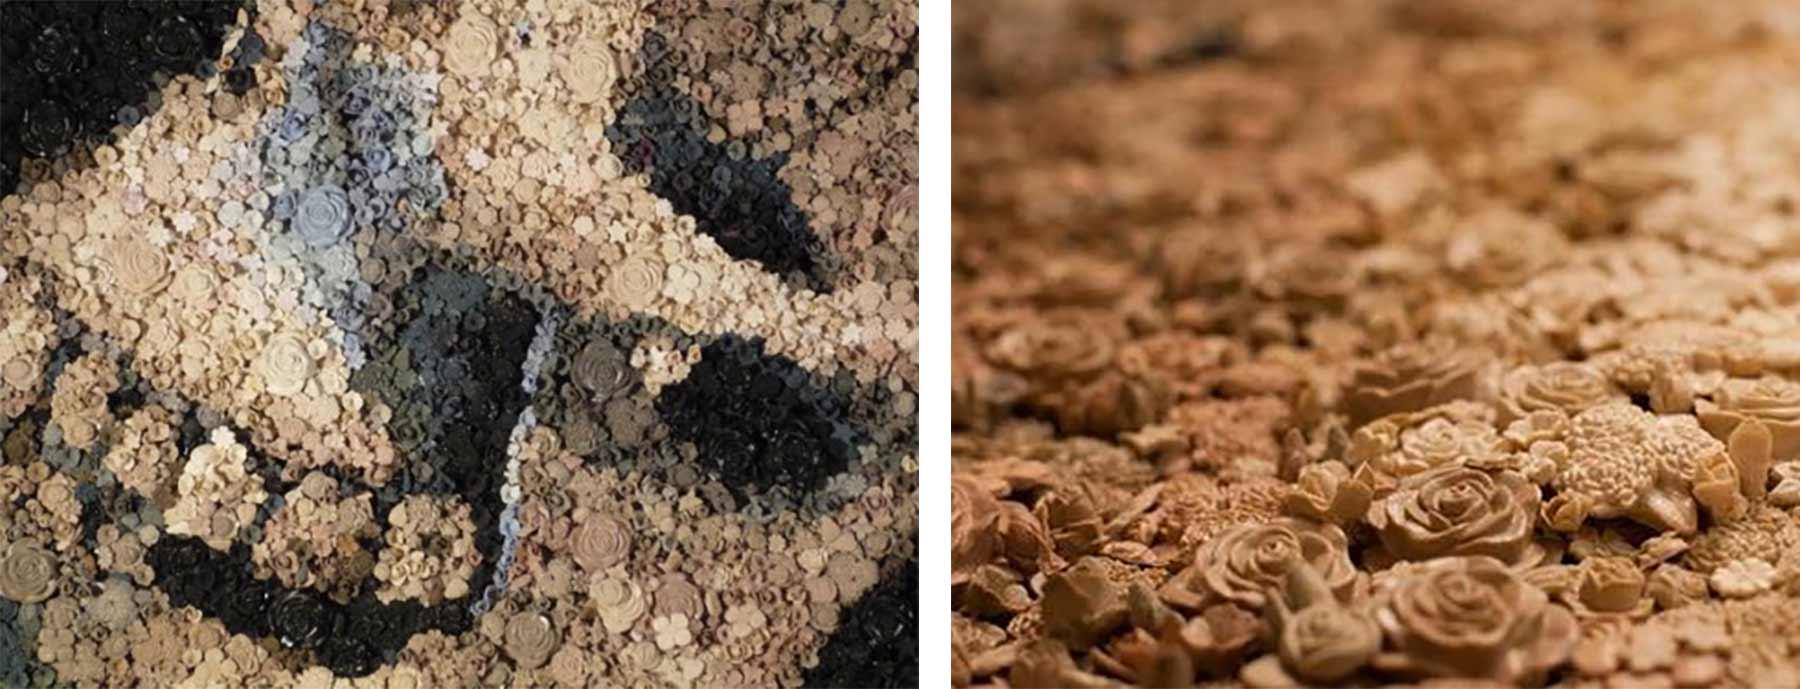 Mosaiks aus Tabletten, Münzen und Mittelfingern Kevin-Champeny-mosaik_09